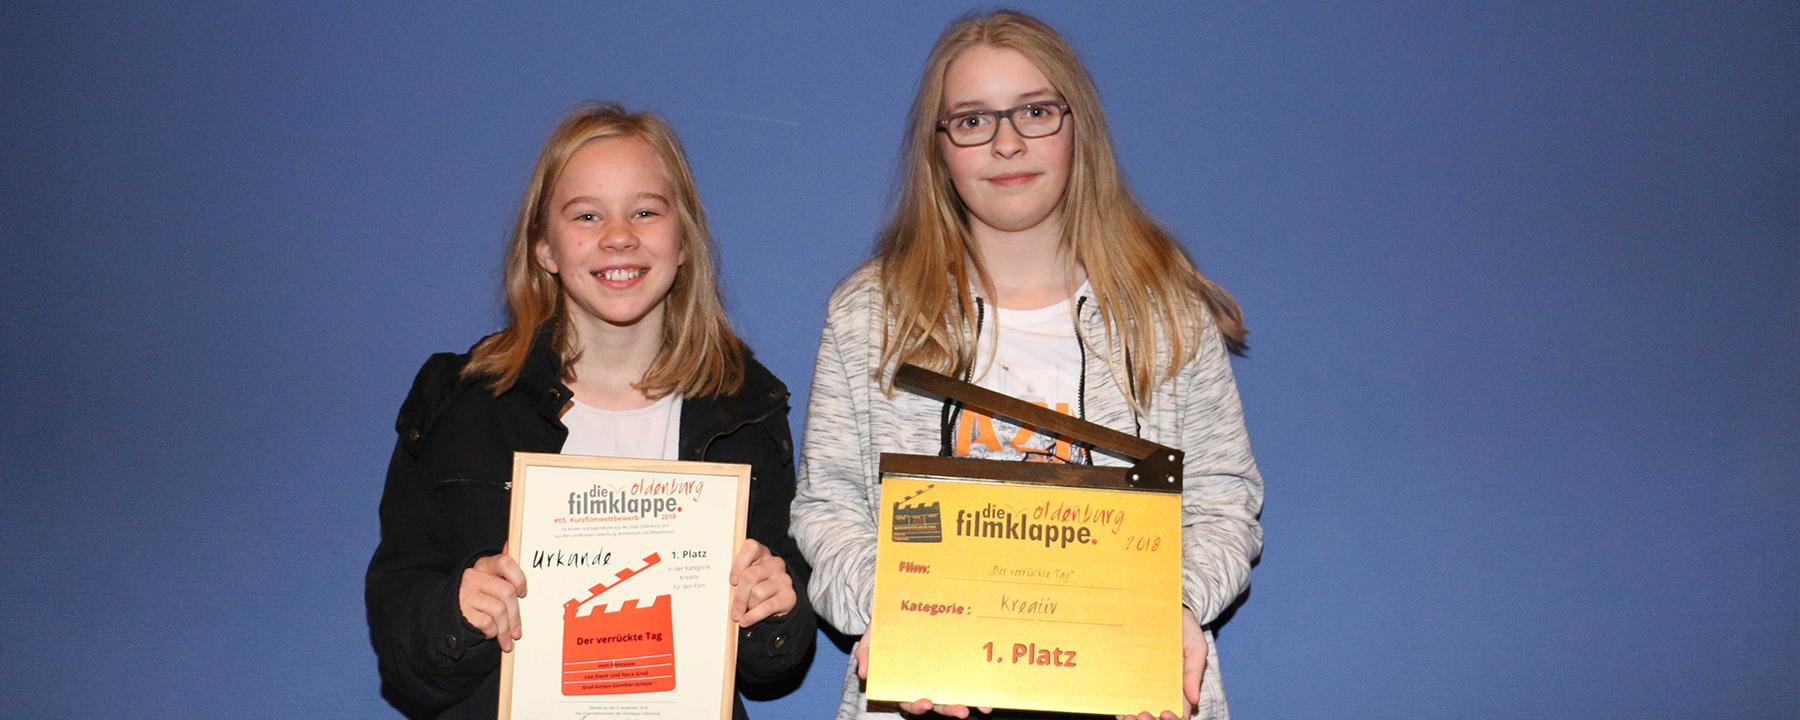 Trickfilm Von Lea Eiselt Und Und Nora Groß Gewinnt Schülerfilmwettbewerb Filmklappe Oldenburg